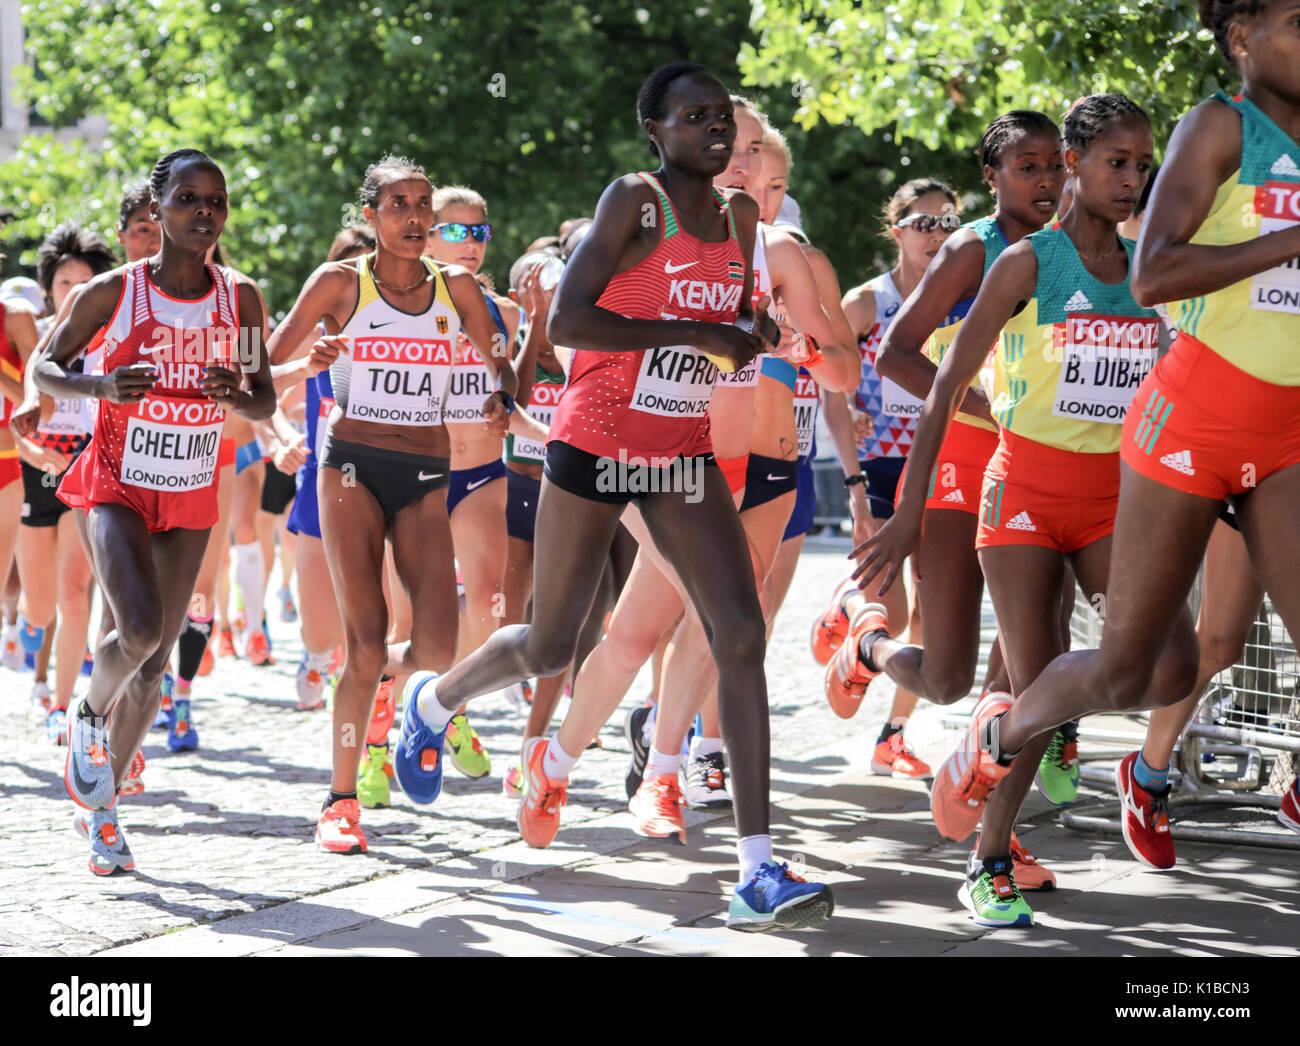 2017/8/6 London: Drei äthiopische Athleten einschließlich BERHANE DIBABA führt eine Gruppe von Athleten in der IAAF WM-Marathon Stockbild